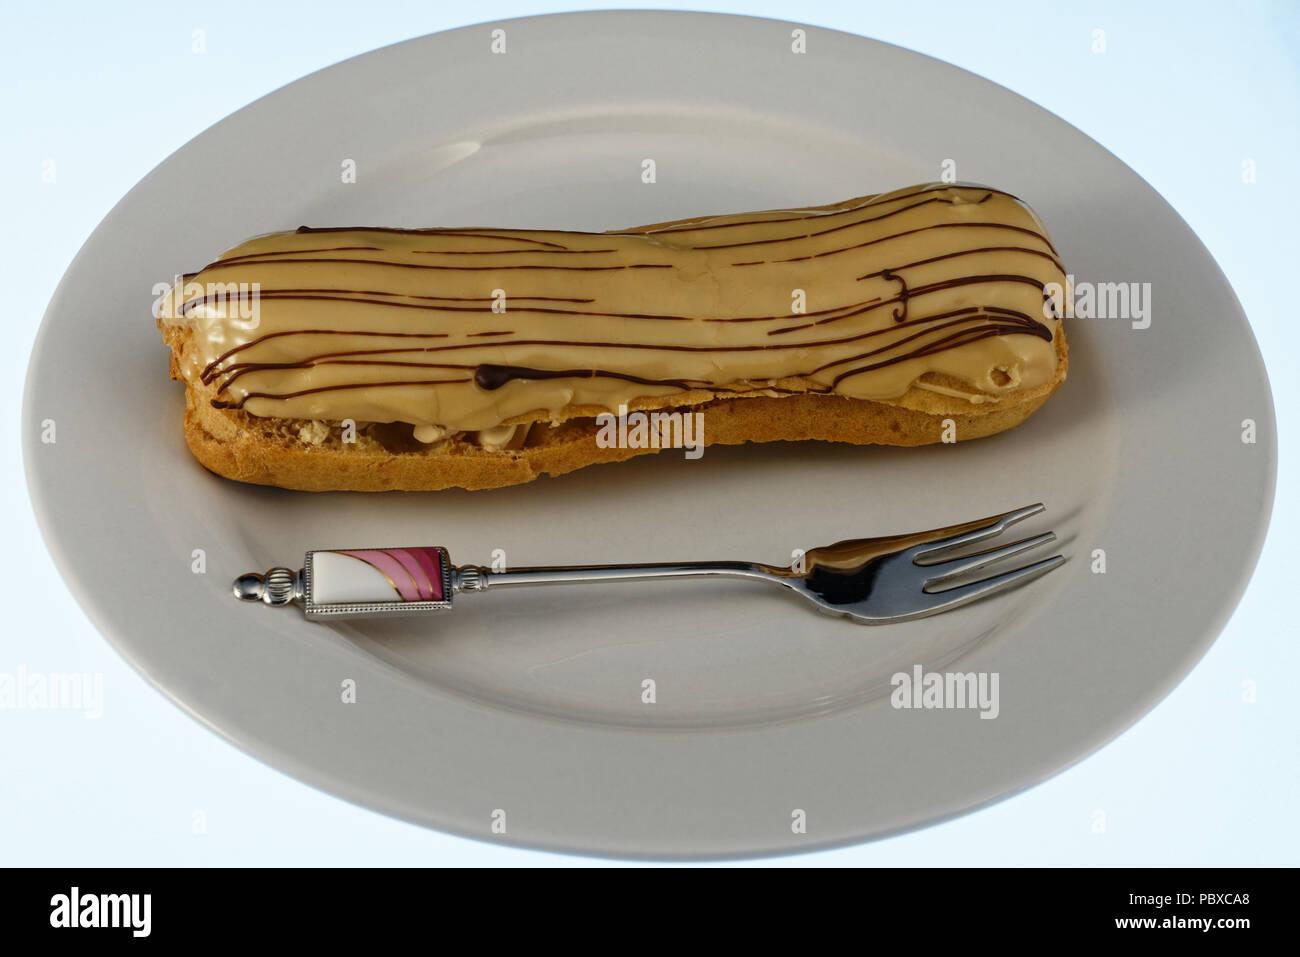 Formale di impostazione di dessert Immagini Stock